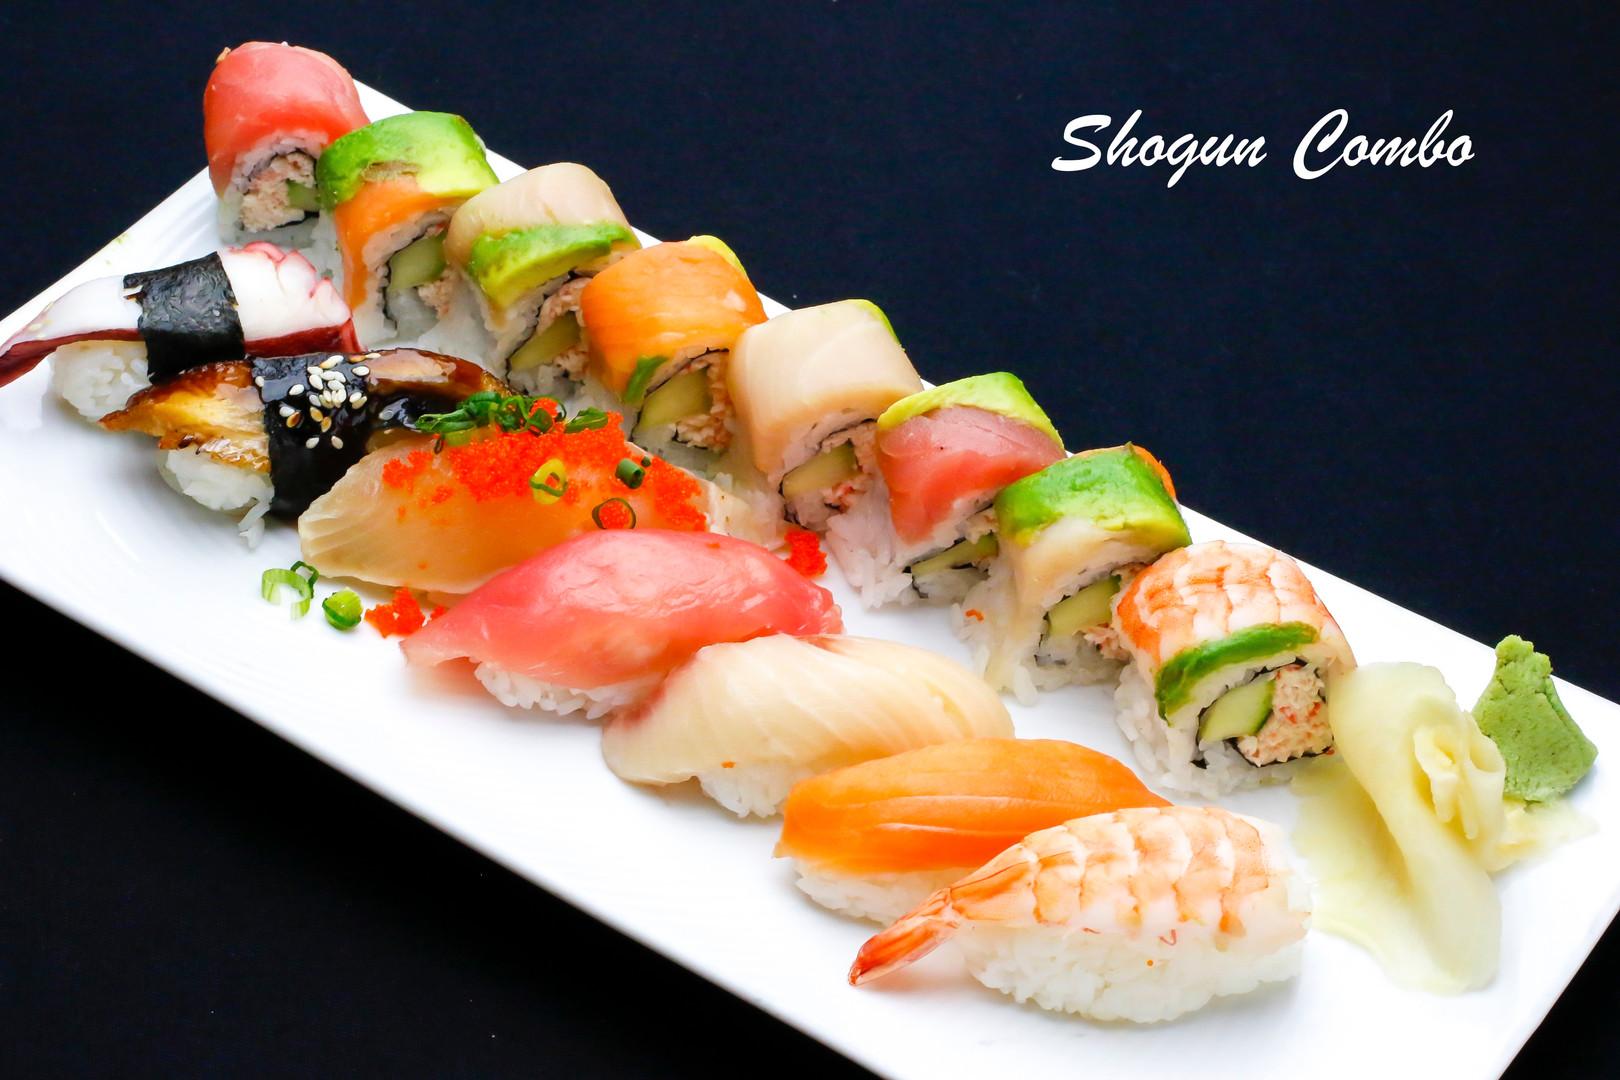 Shogun Combo